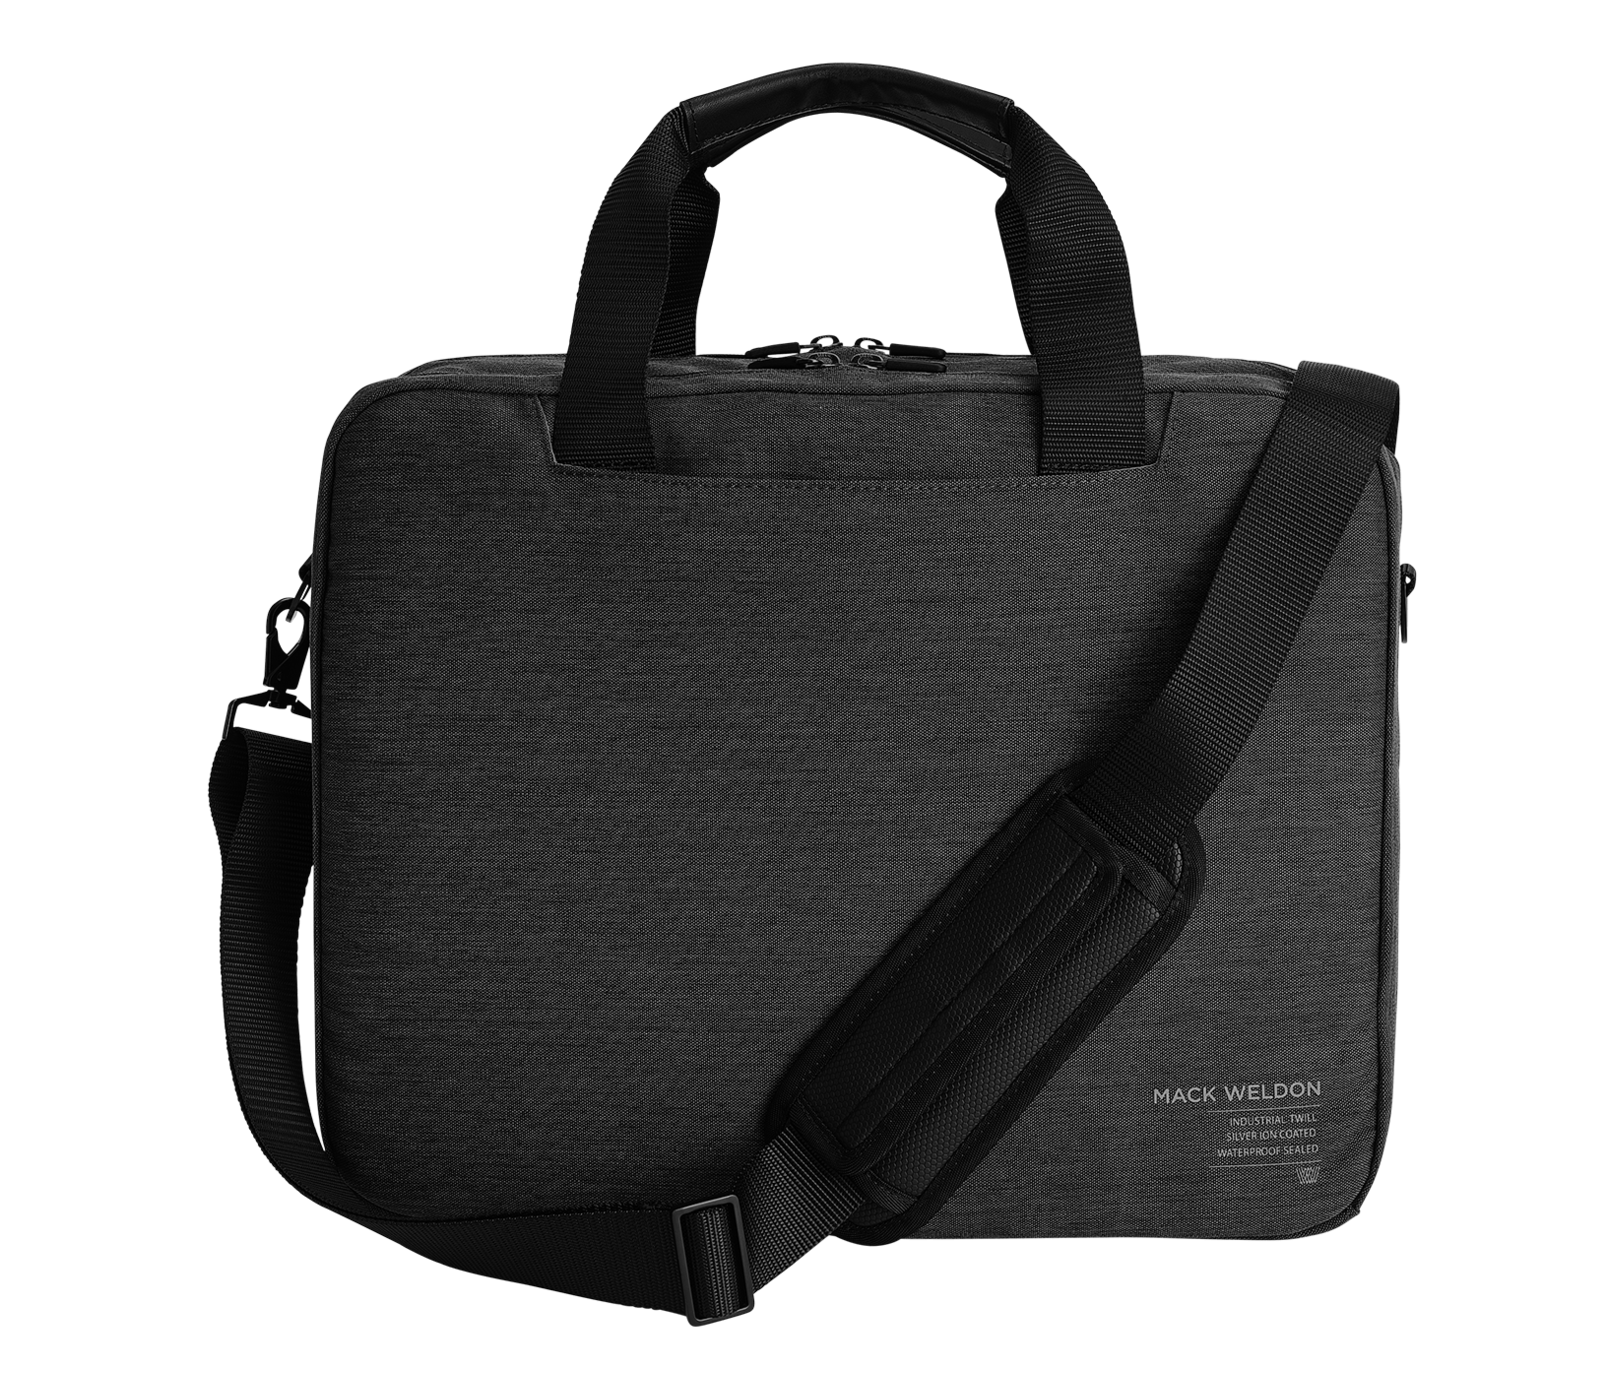 mack-weldon-briefcase